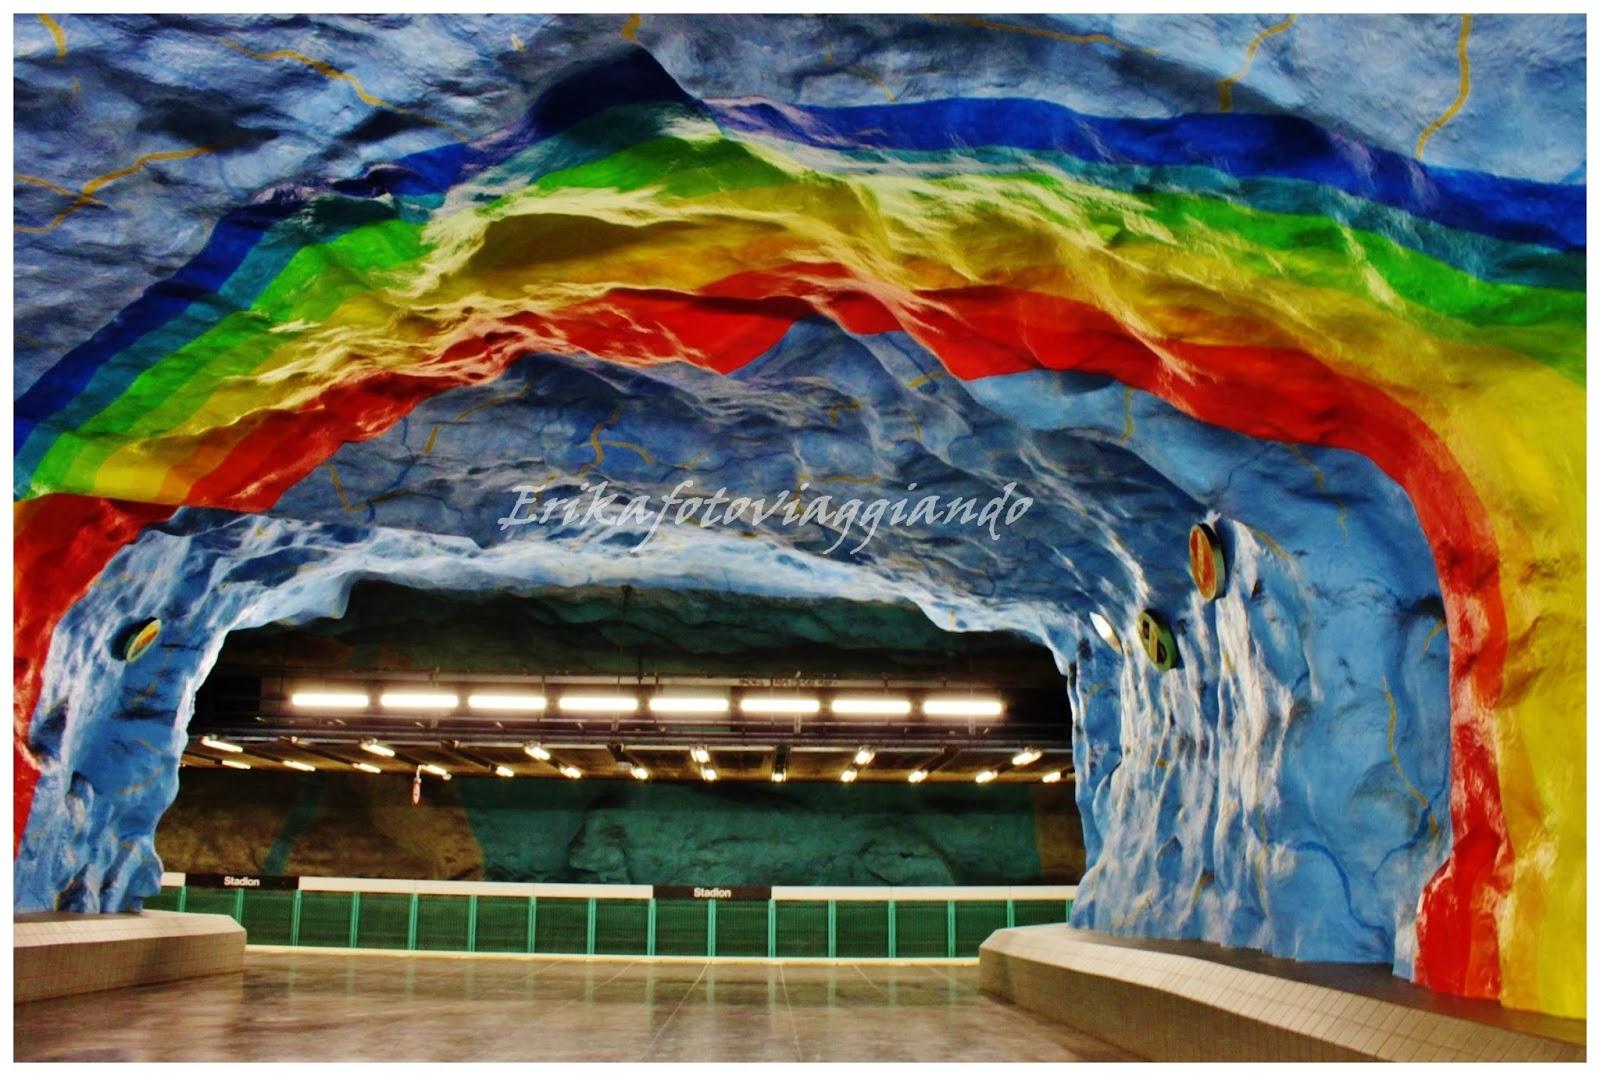 Erikafotoviaggiando: Stazioni metro artistiche a Stoccolma ...